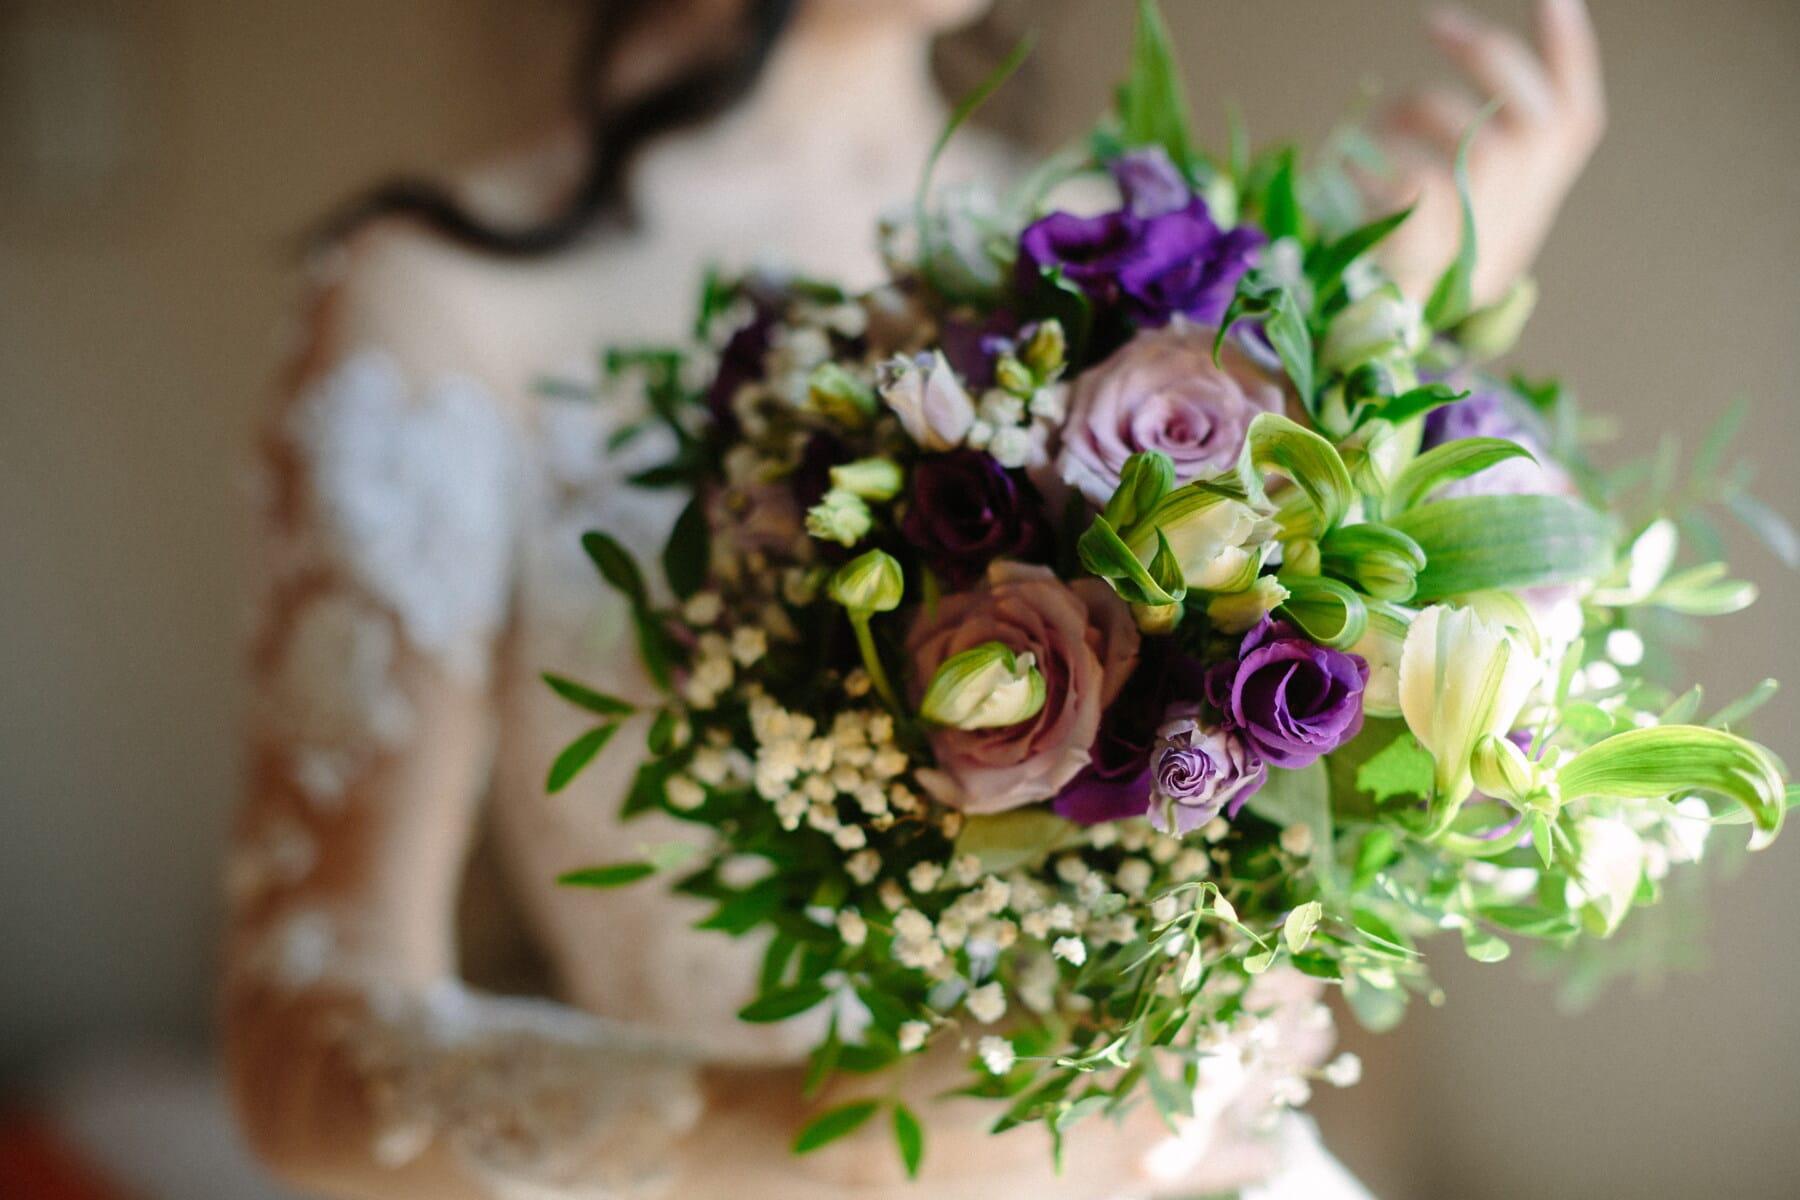 wedding bouquet, holding, close-up, bride, wedding, decoration, bouquet, arrangement, nature, flower